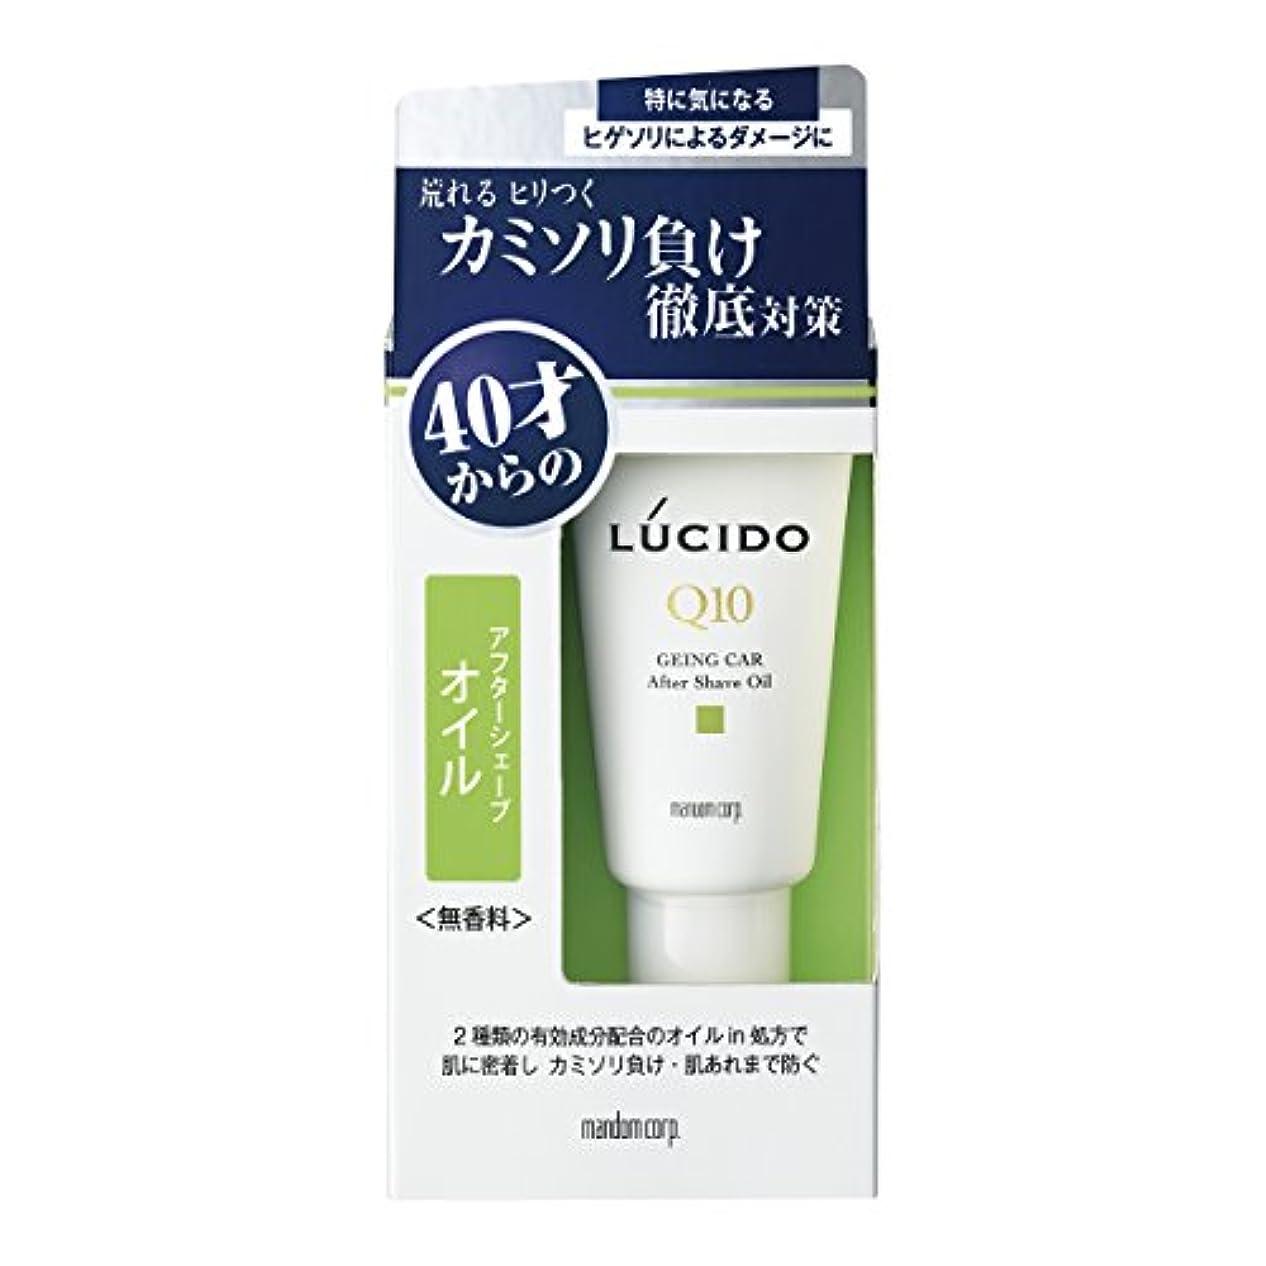 固める提供おしゃれなルシード 薬用 アフターシェーブオイル (医薬部外品)30g